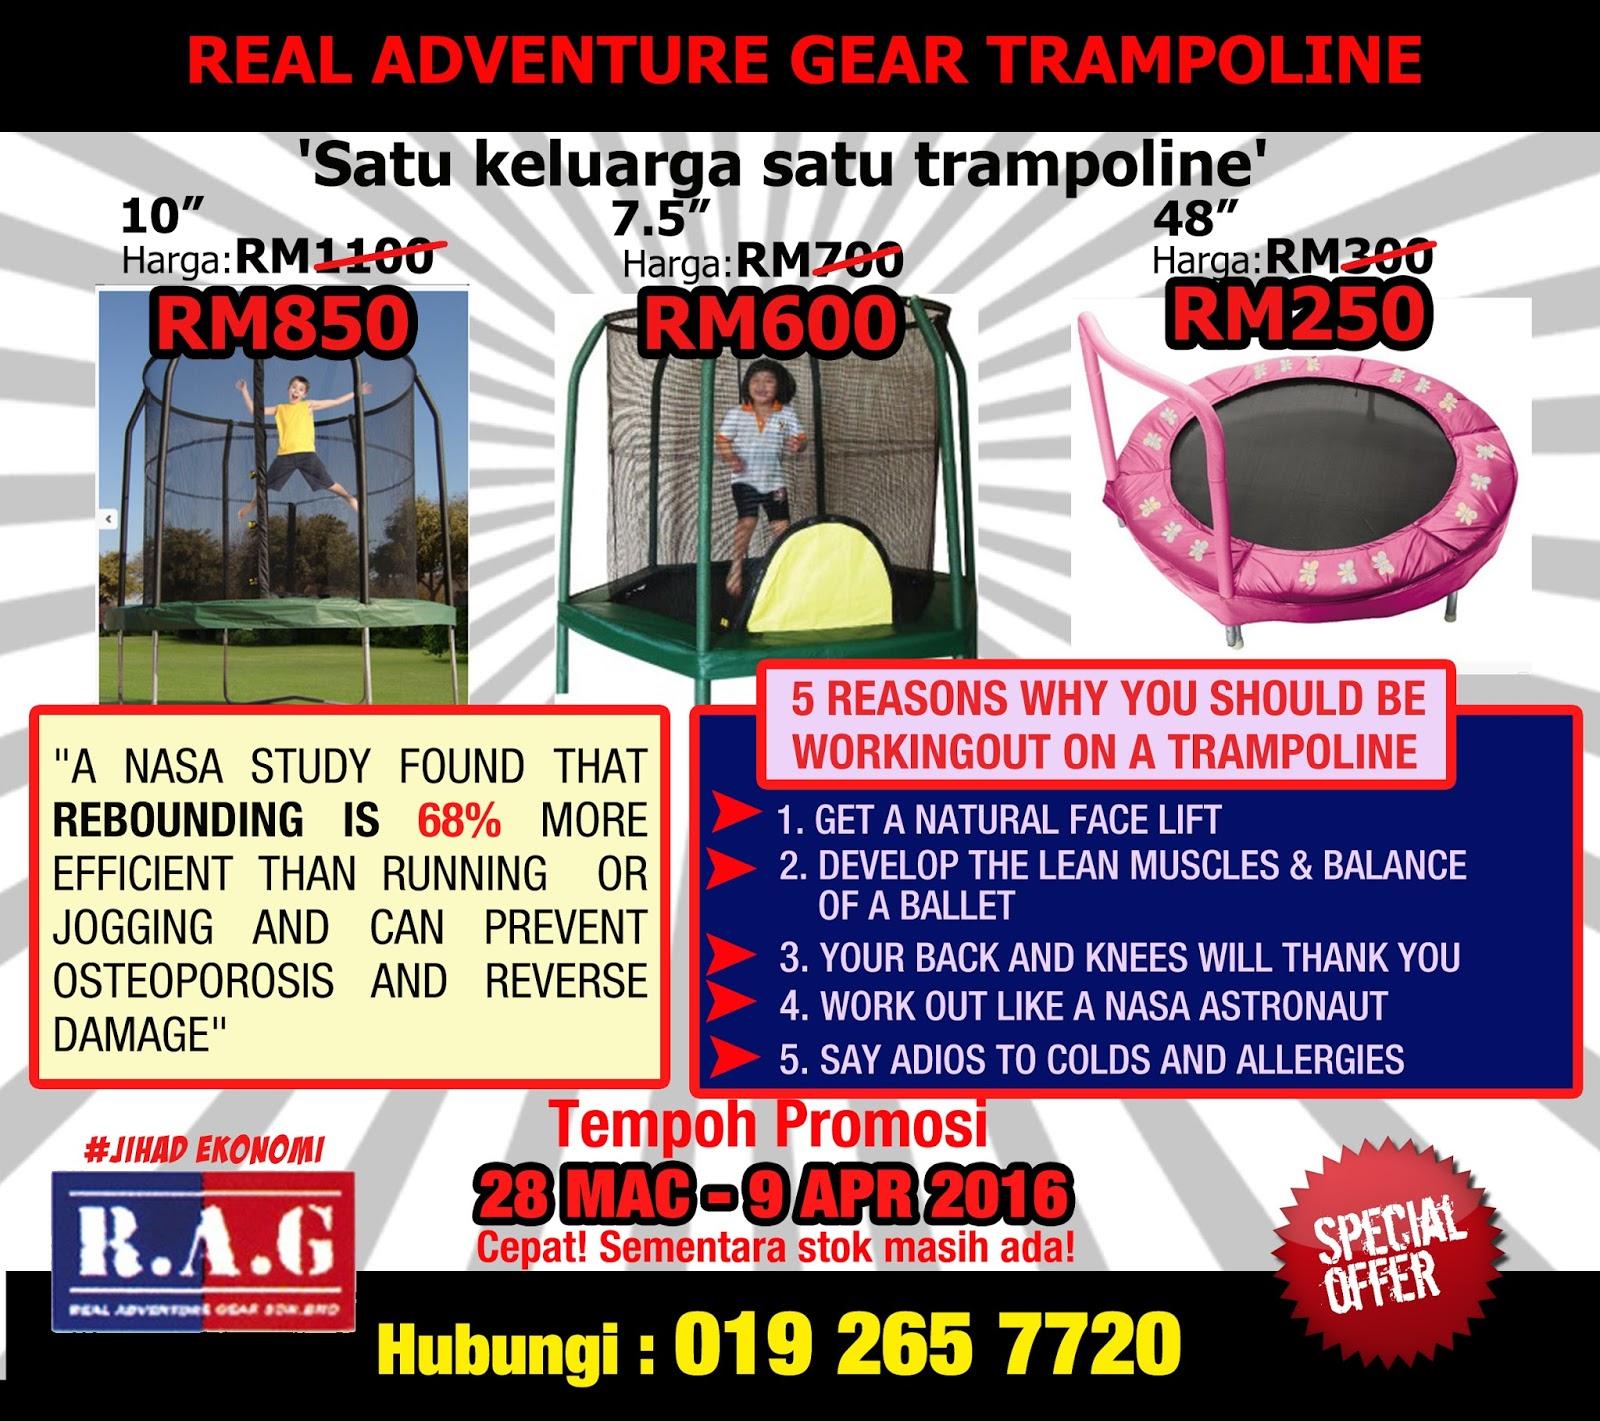 Trampoline Promotion Apr Onward Enerz Indoor Extreme Park April